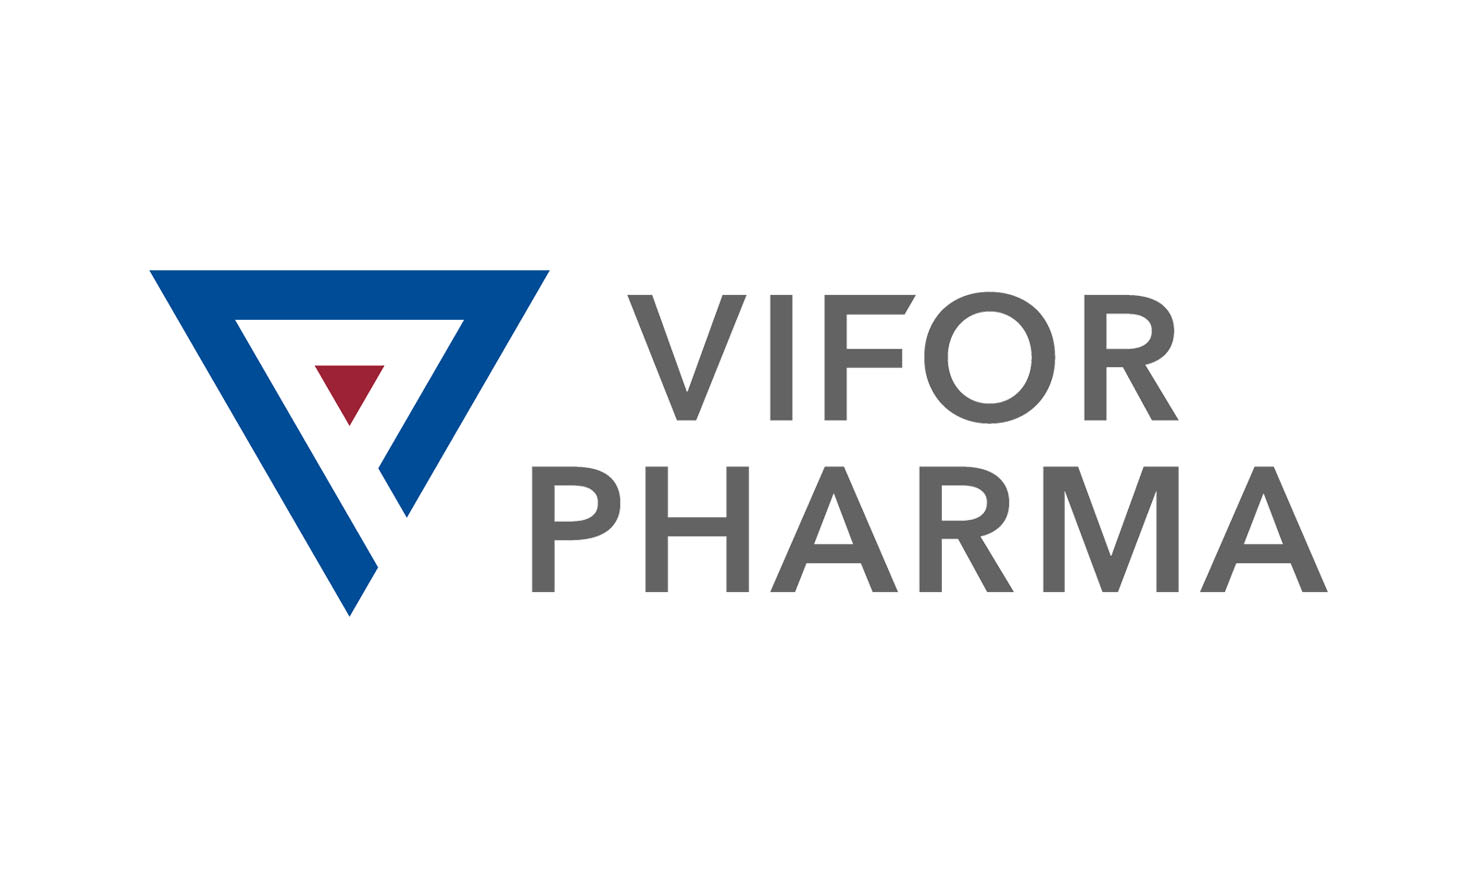 Vifor Pharma Management Ltd